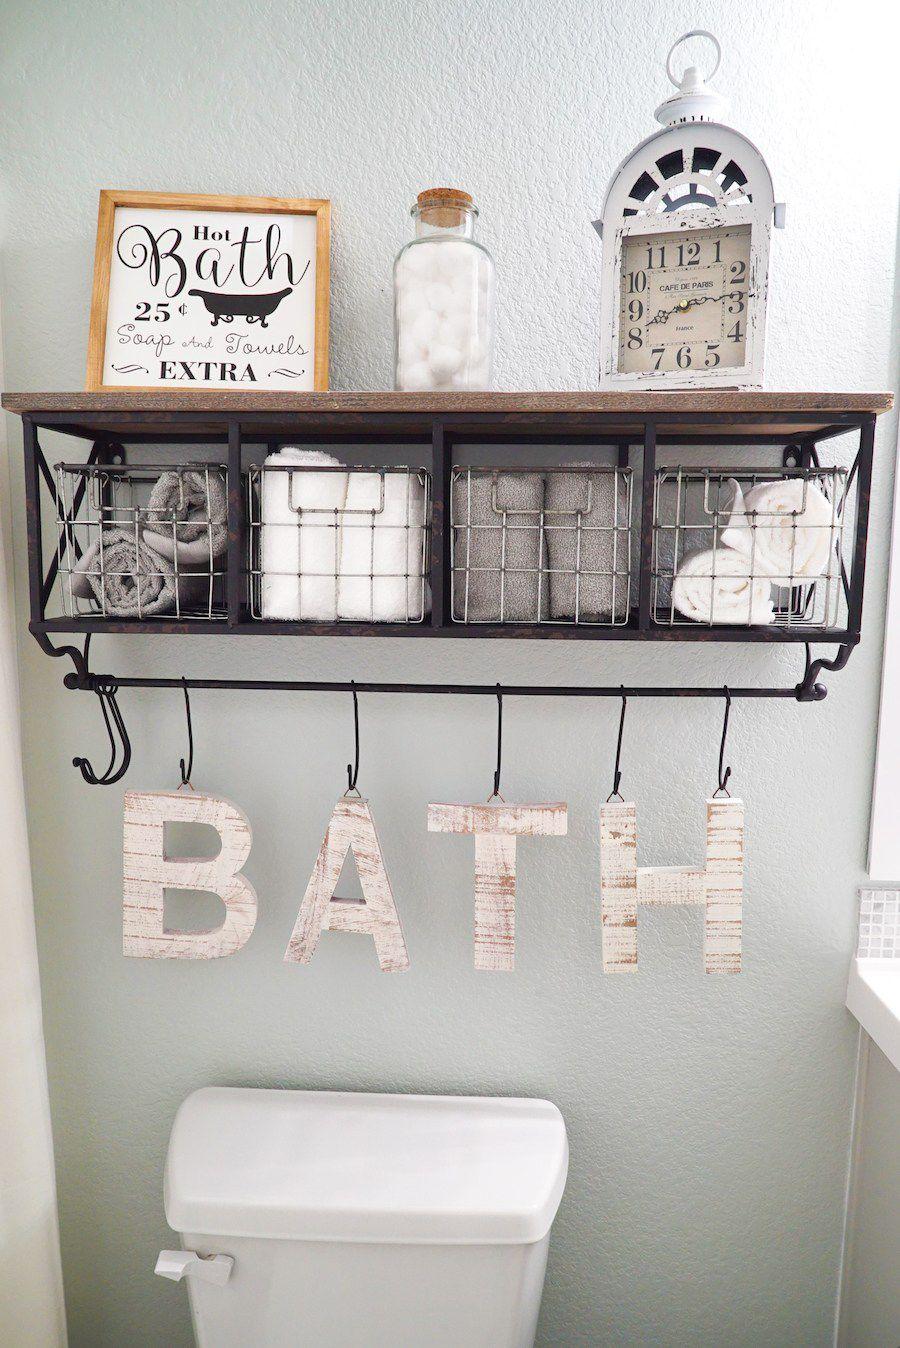 15 Bathroom Shelf Ideas For an Organized Home